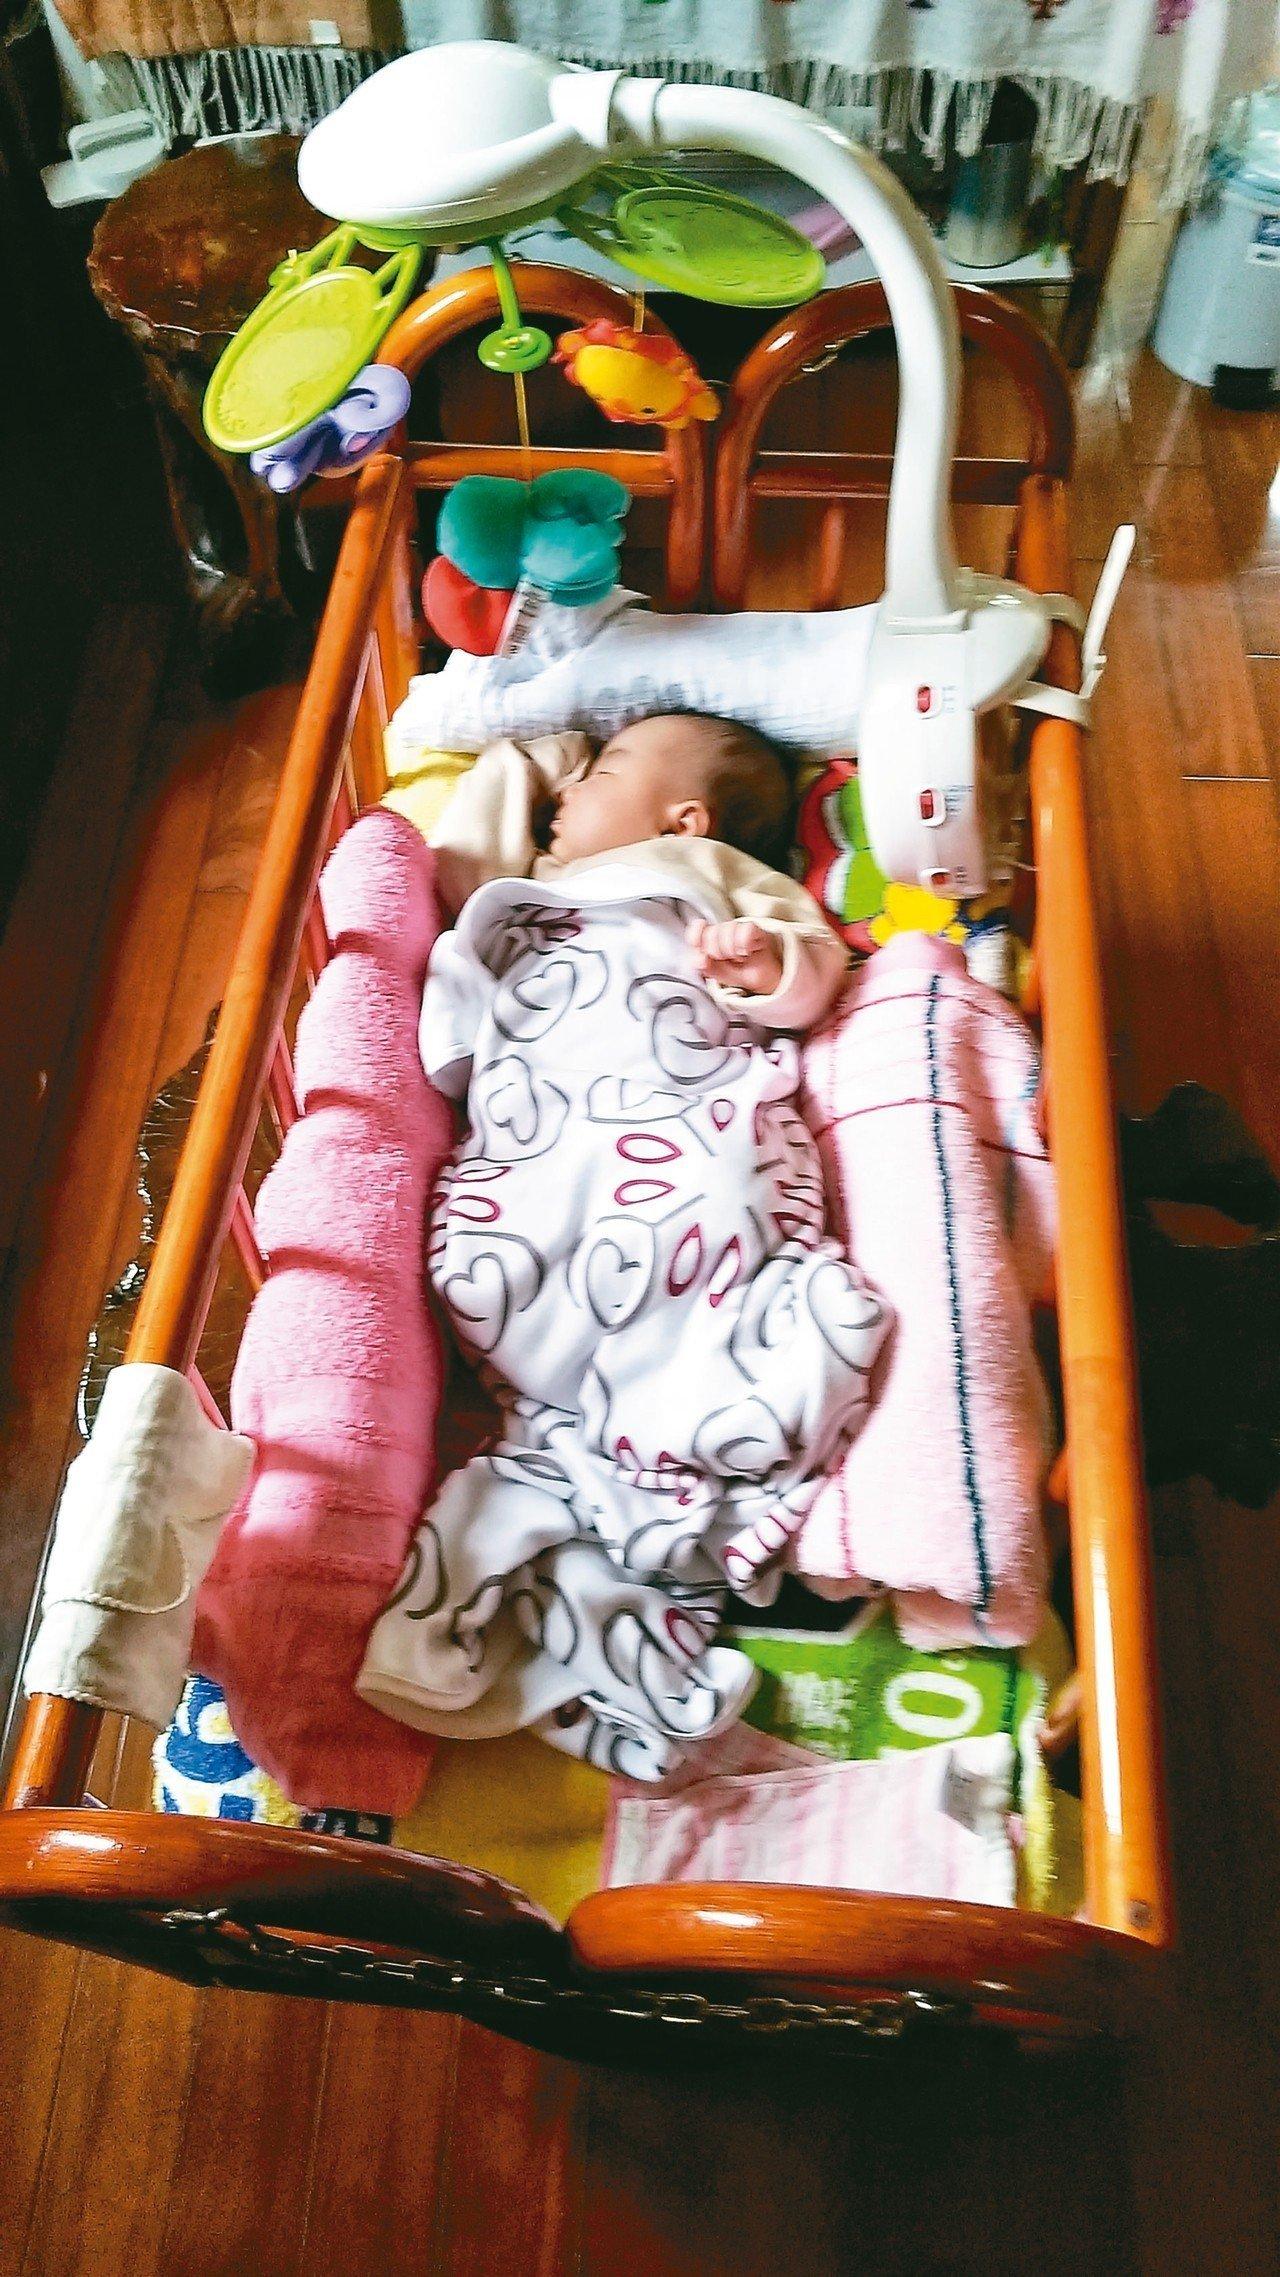 在床的周圍放置填充物,例如捲起來的毛巾、衣物等,縮小睡覺空間,孩子不容易驚醒。 ...